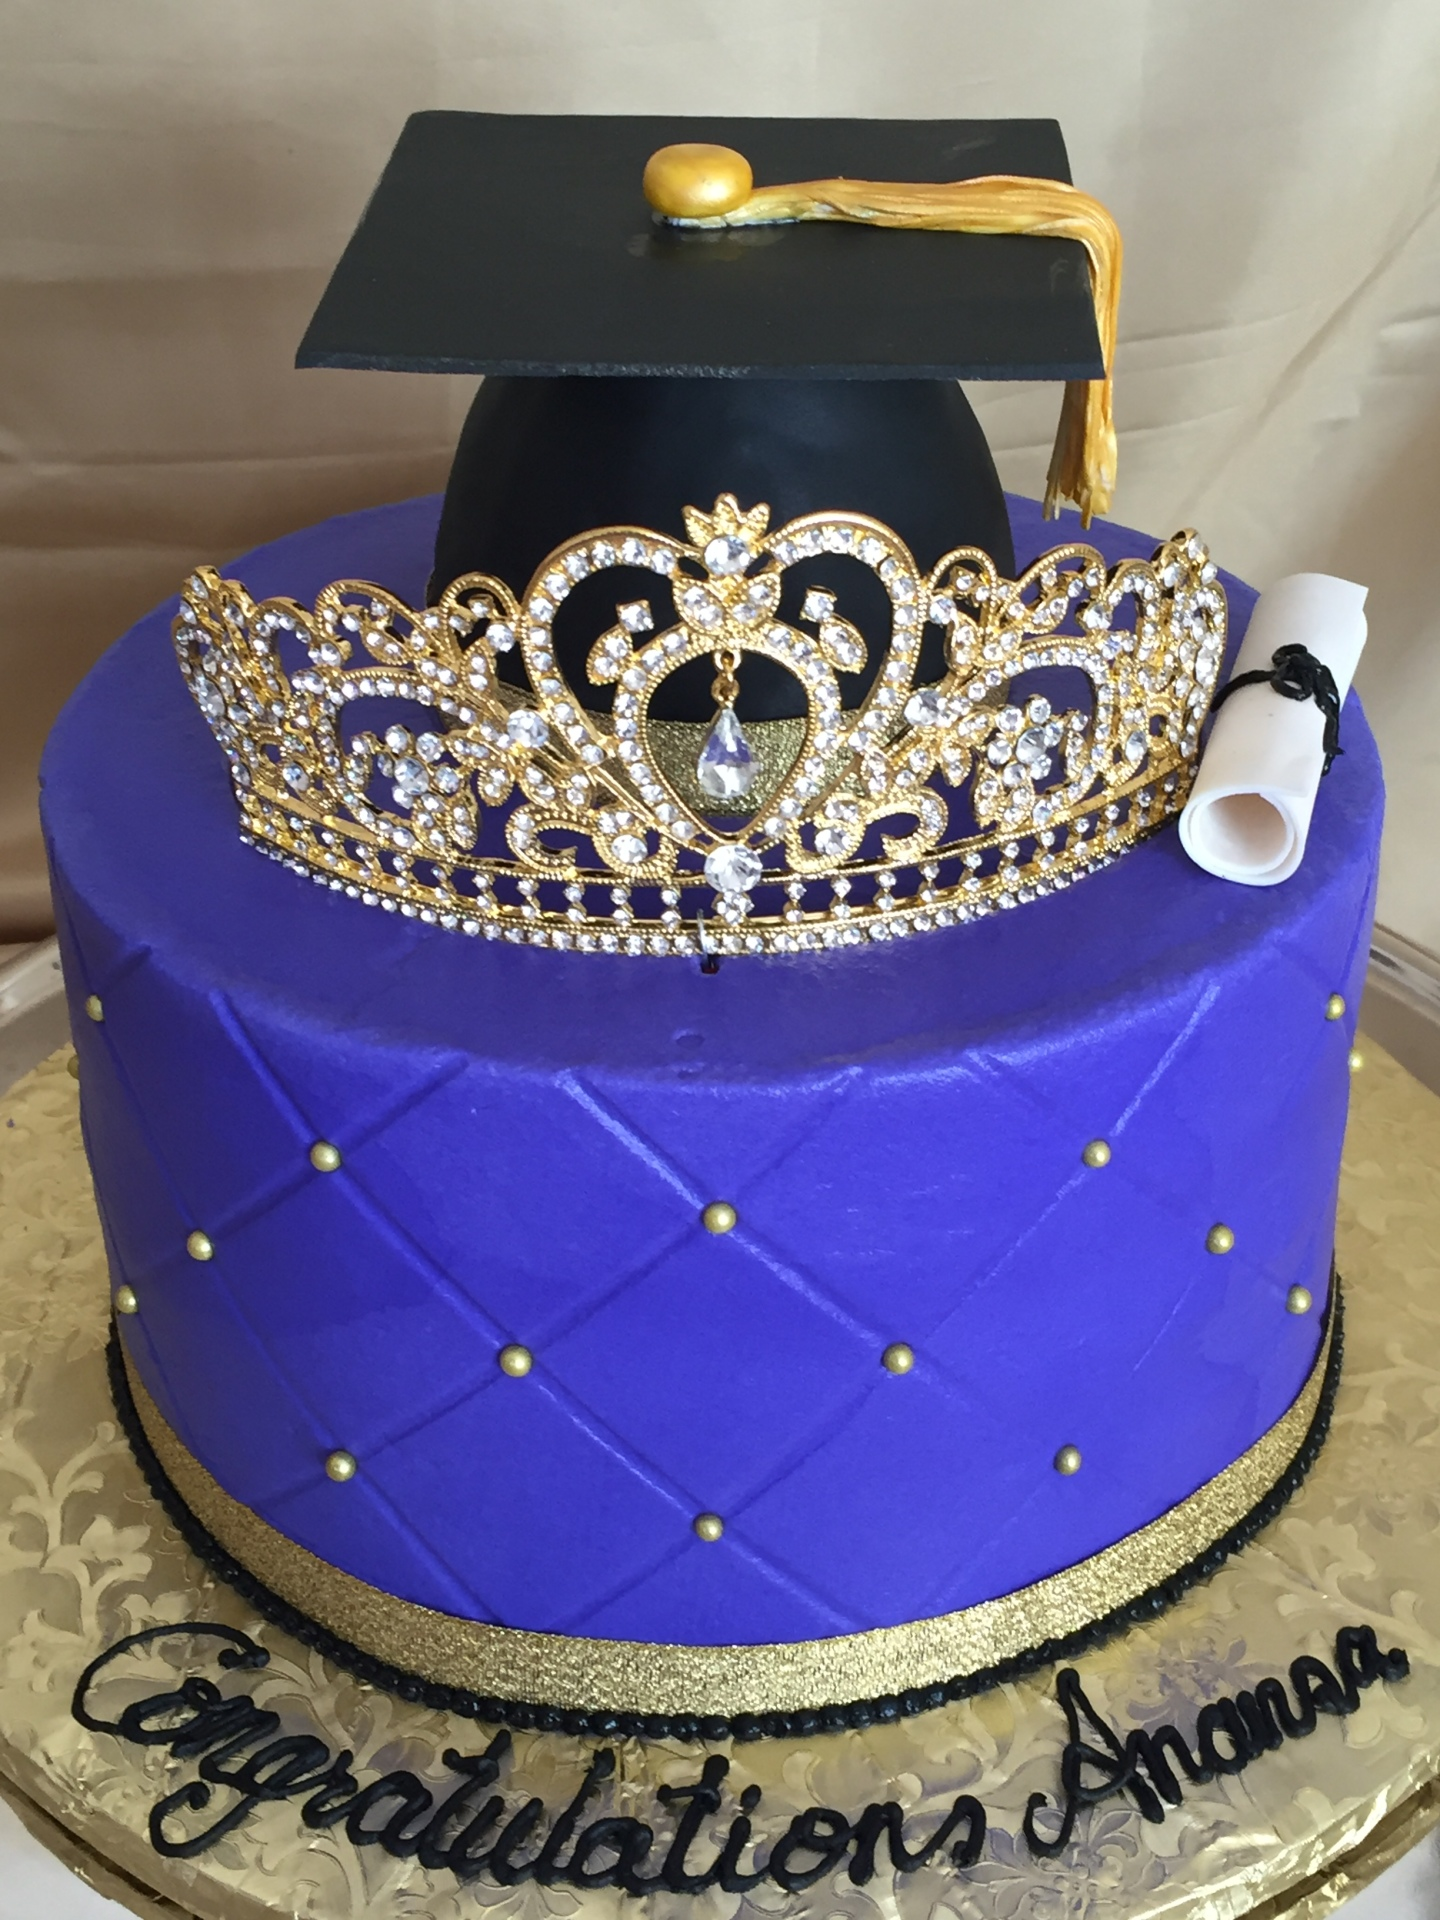 Tiara graduation cake